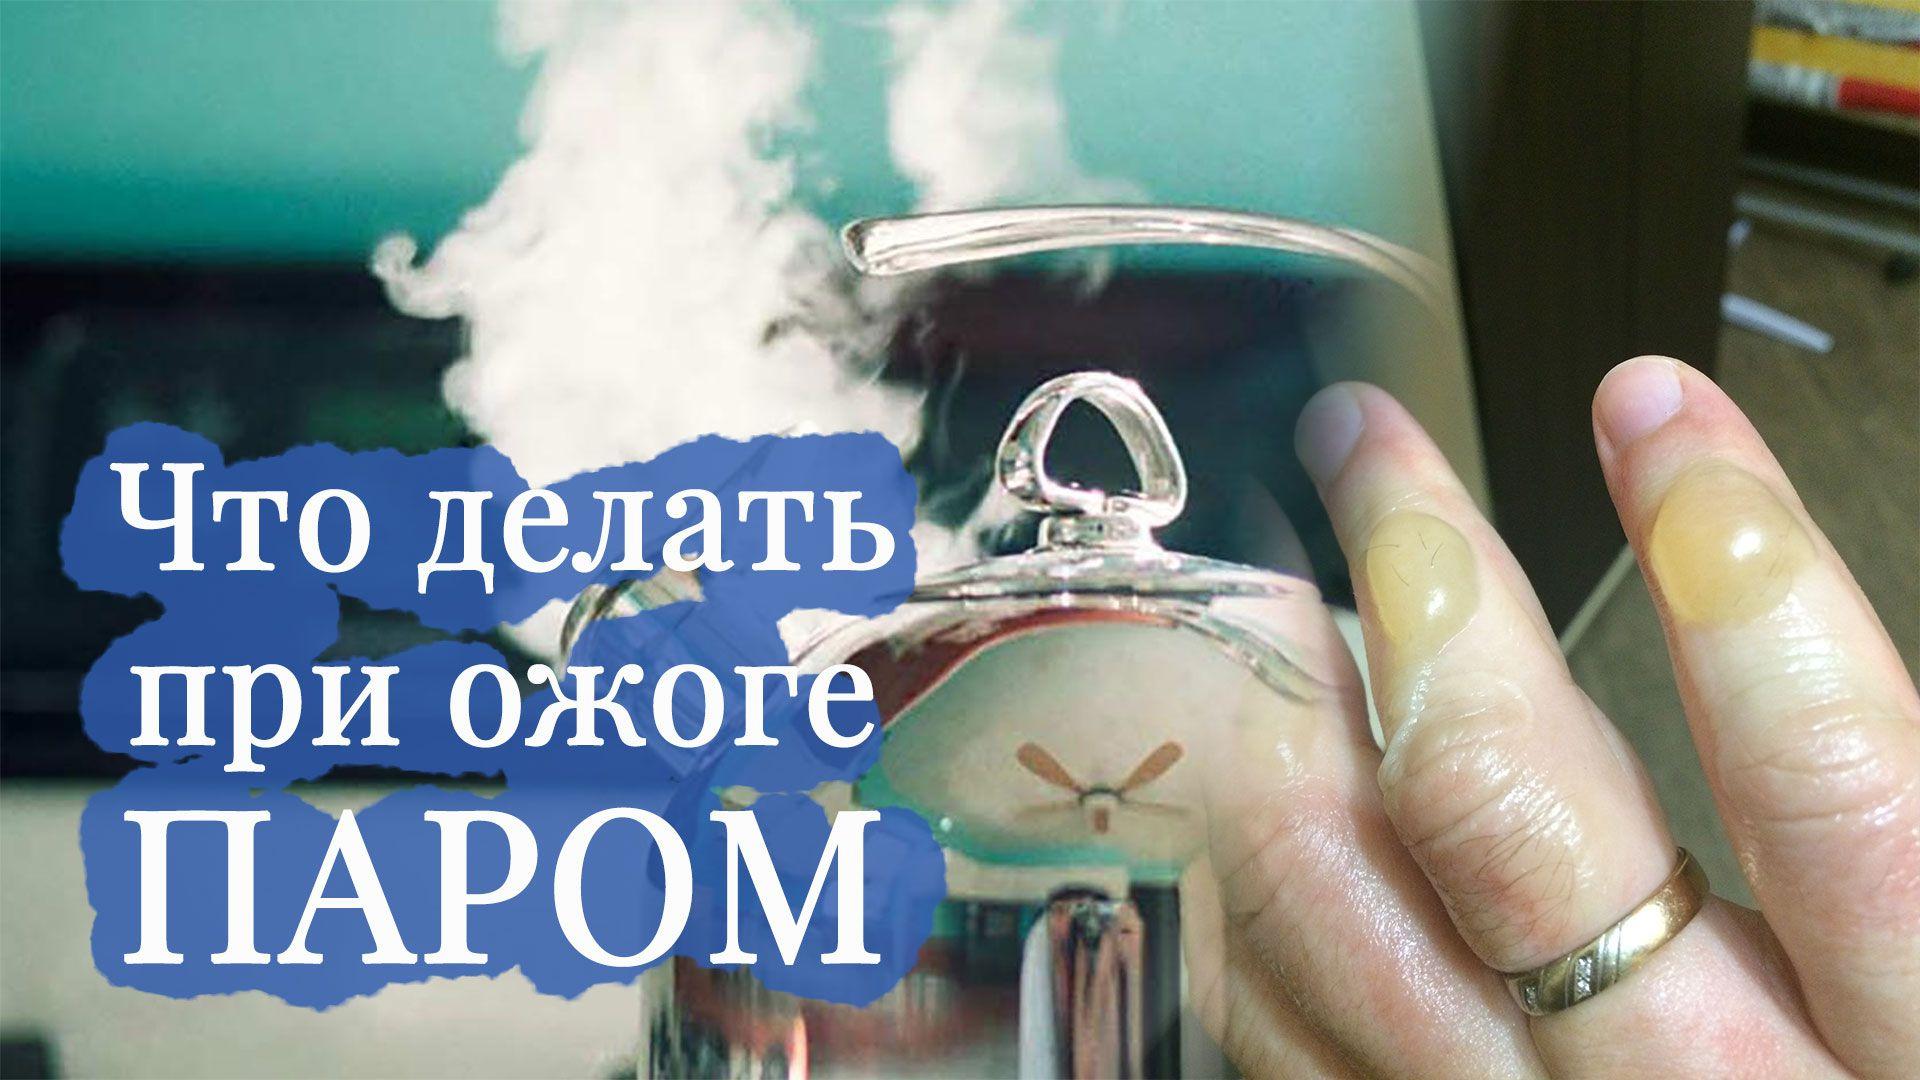 Что делать при различных ожогах: советы при ожоге кипятком, маслом, паром